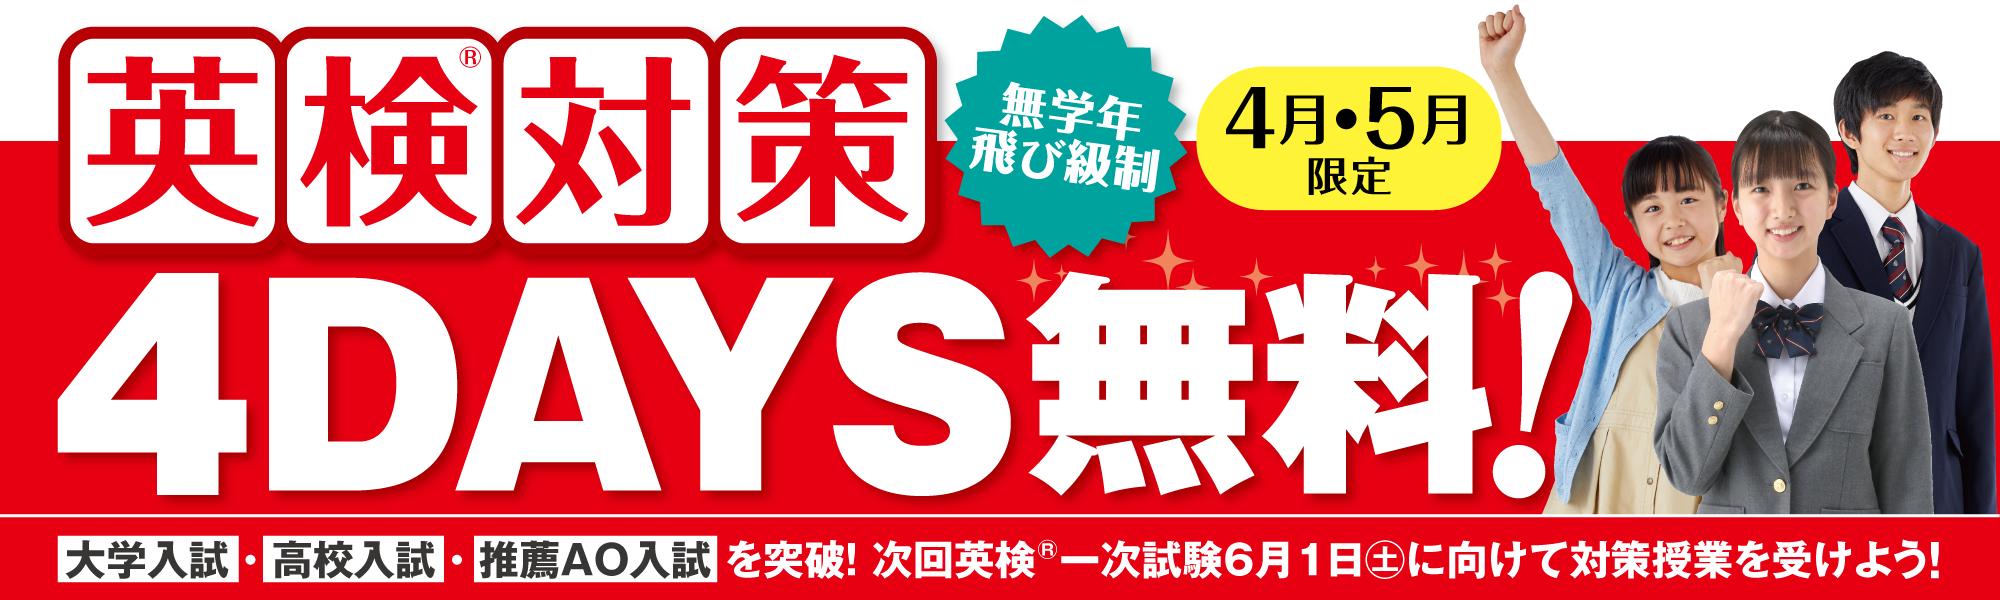 英検対策4DAYS無料!